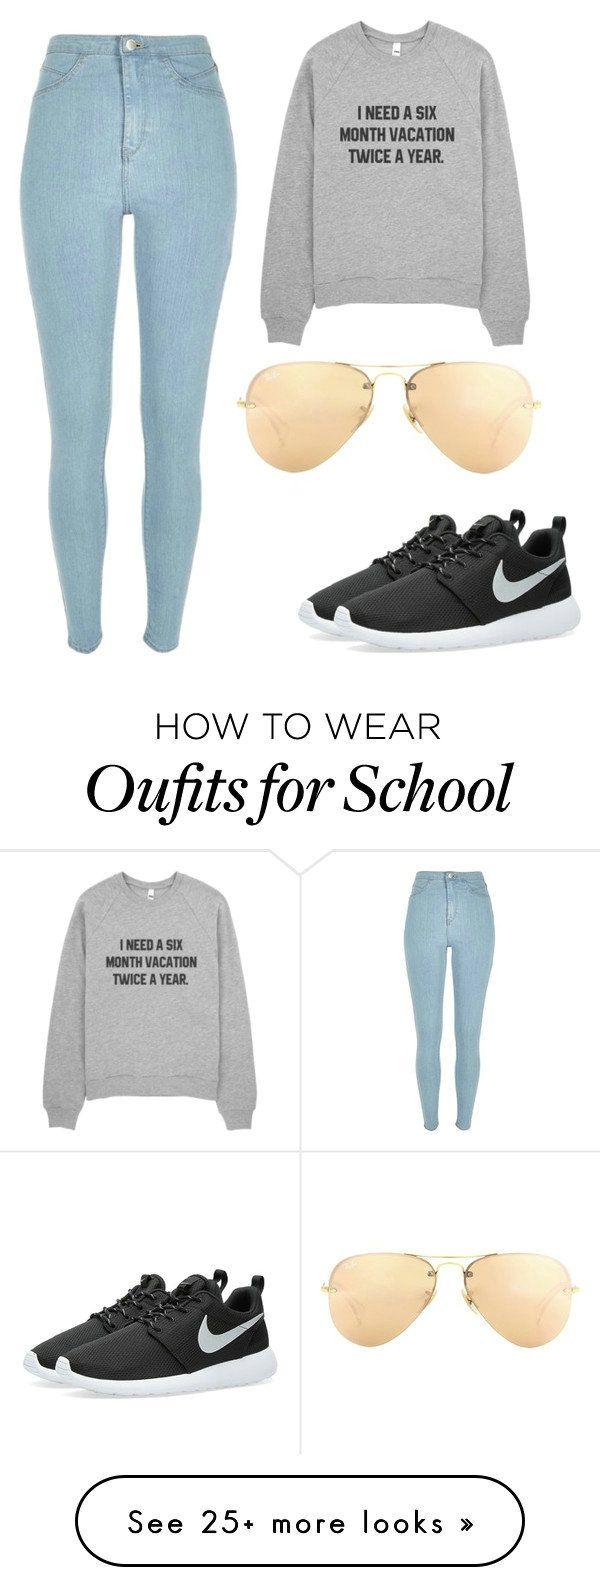 Hahaha!! Necesito llevar esto a mi escuela en la tardeada!